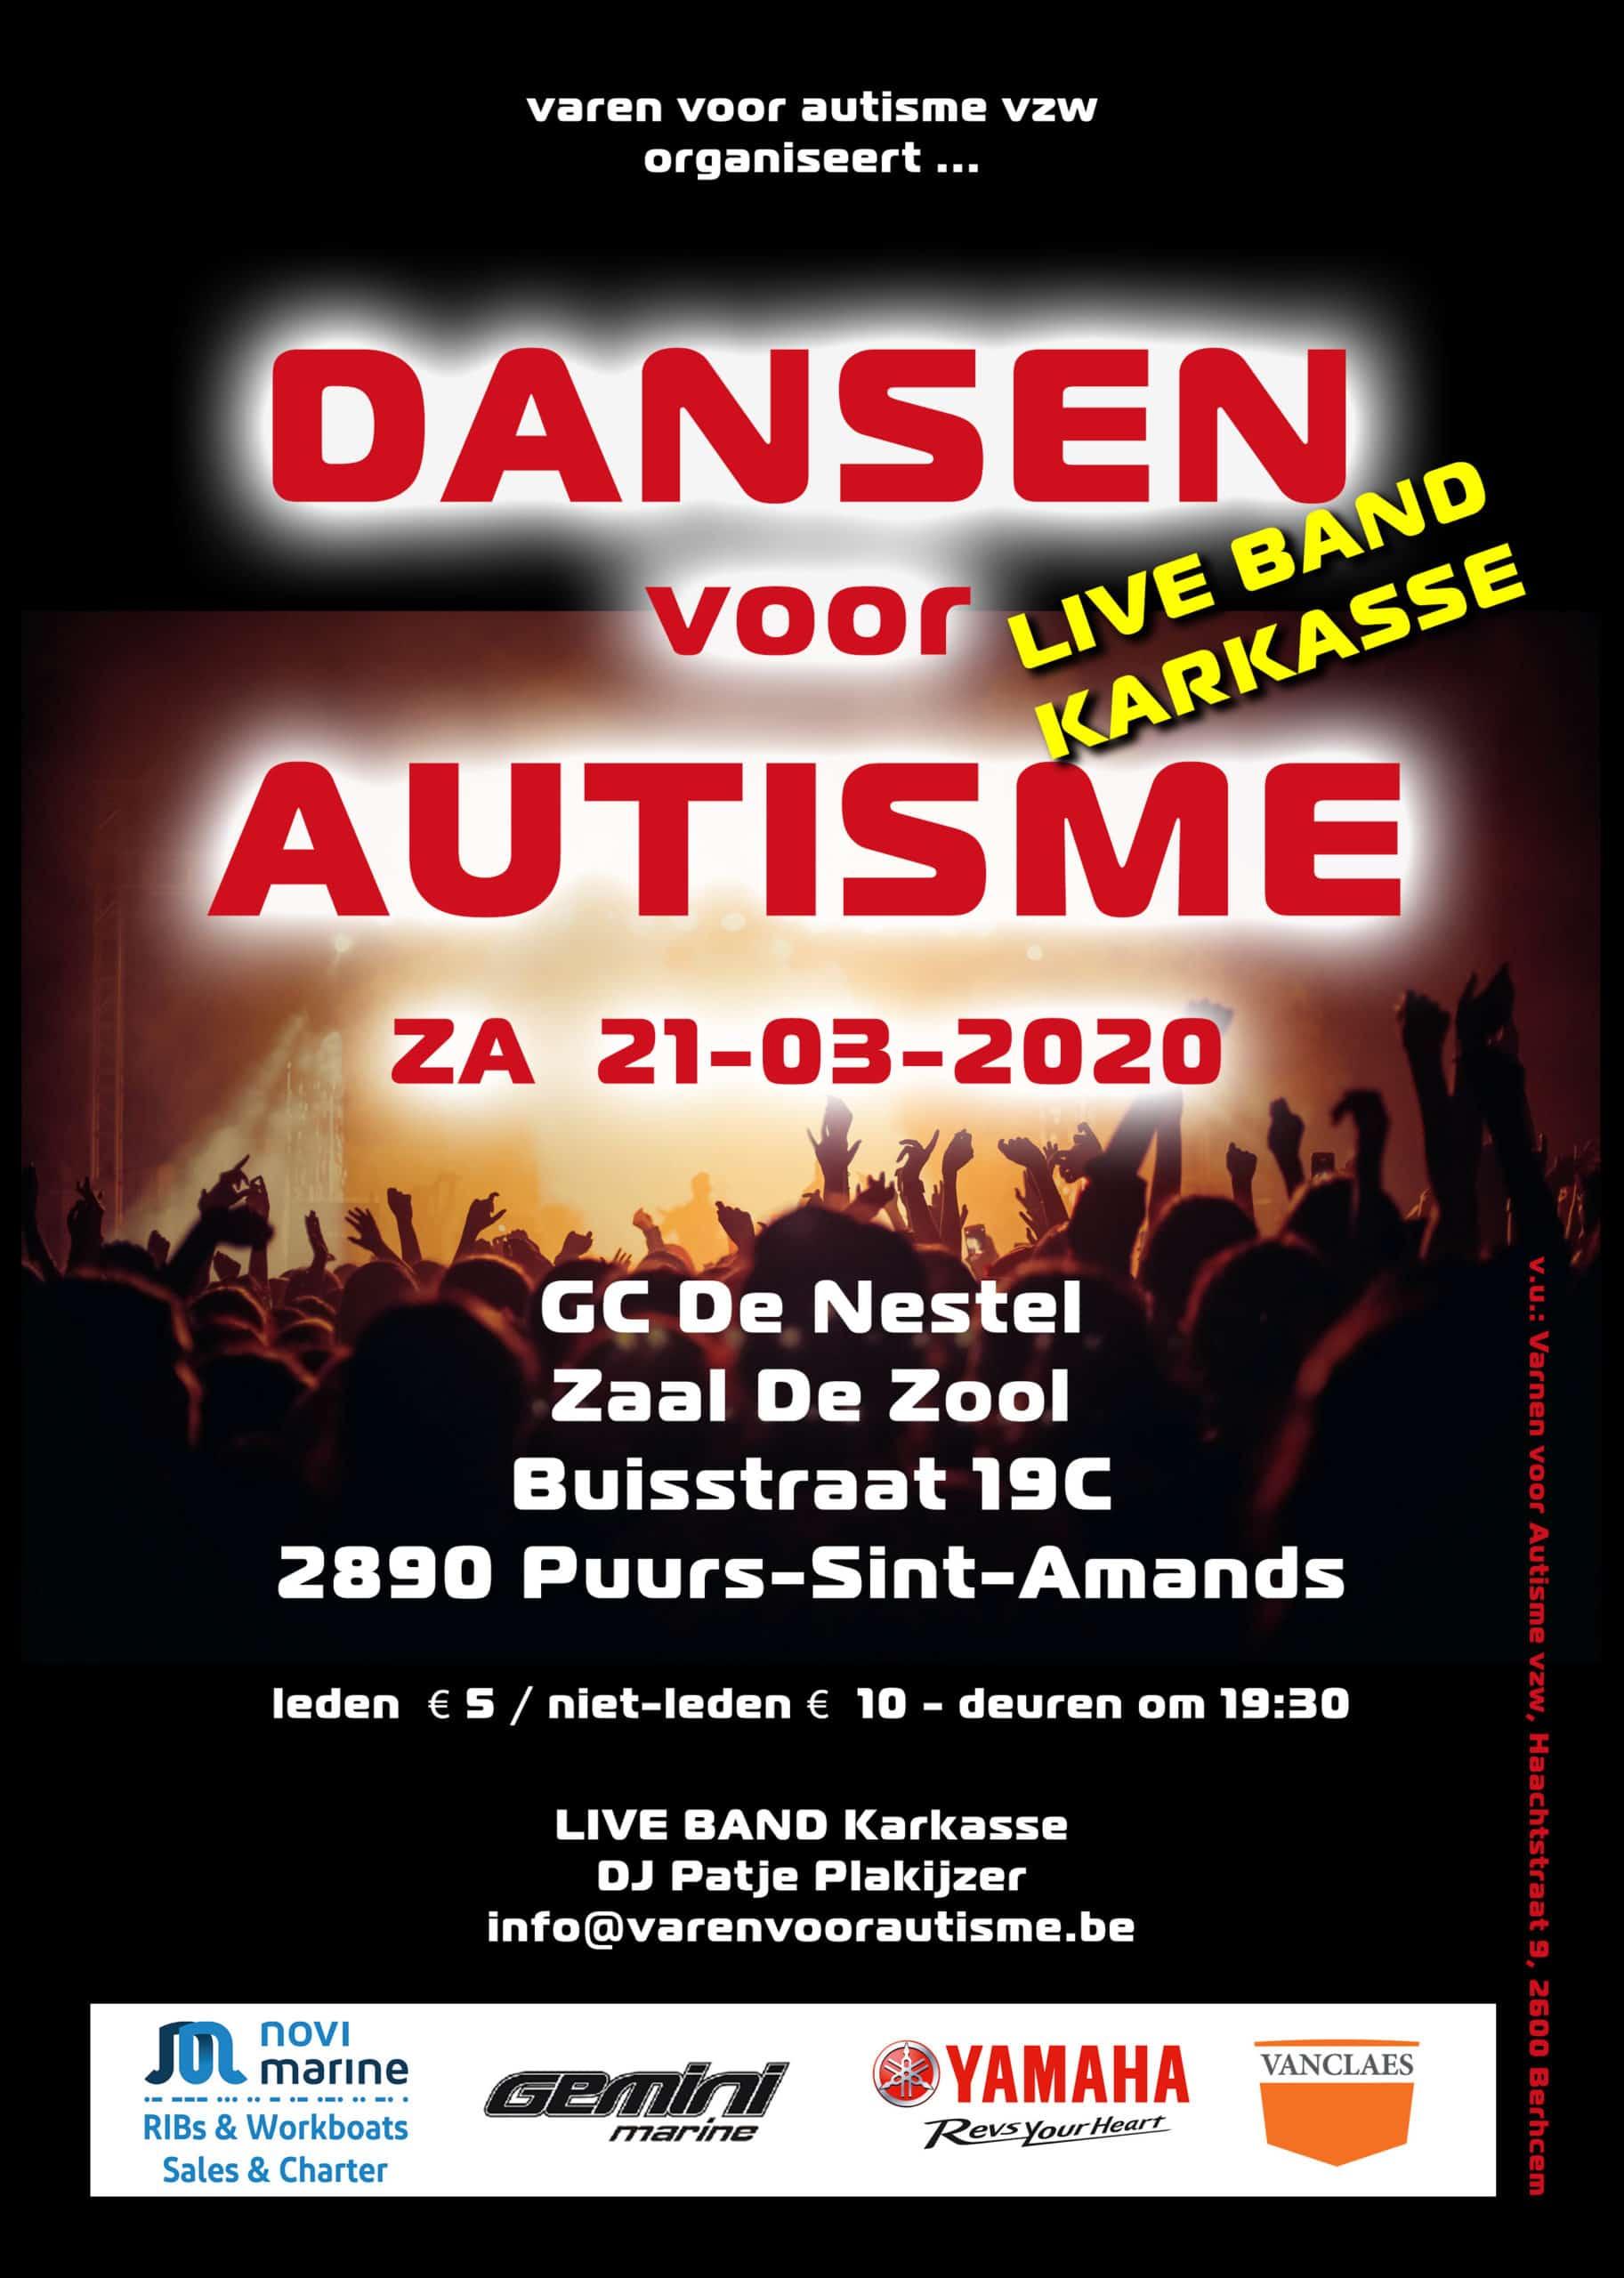 Dansen voor autisme